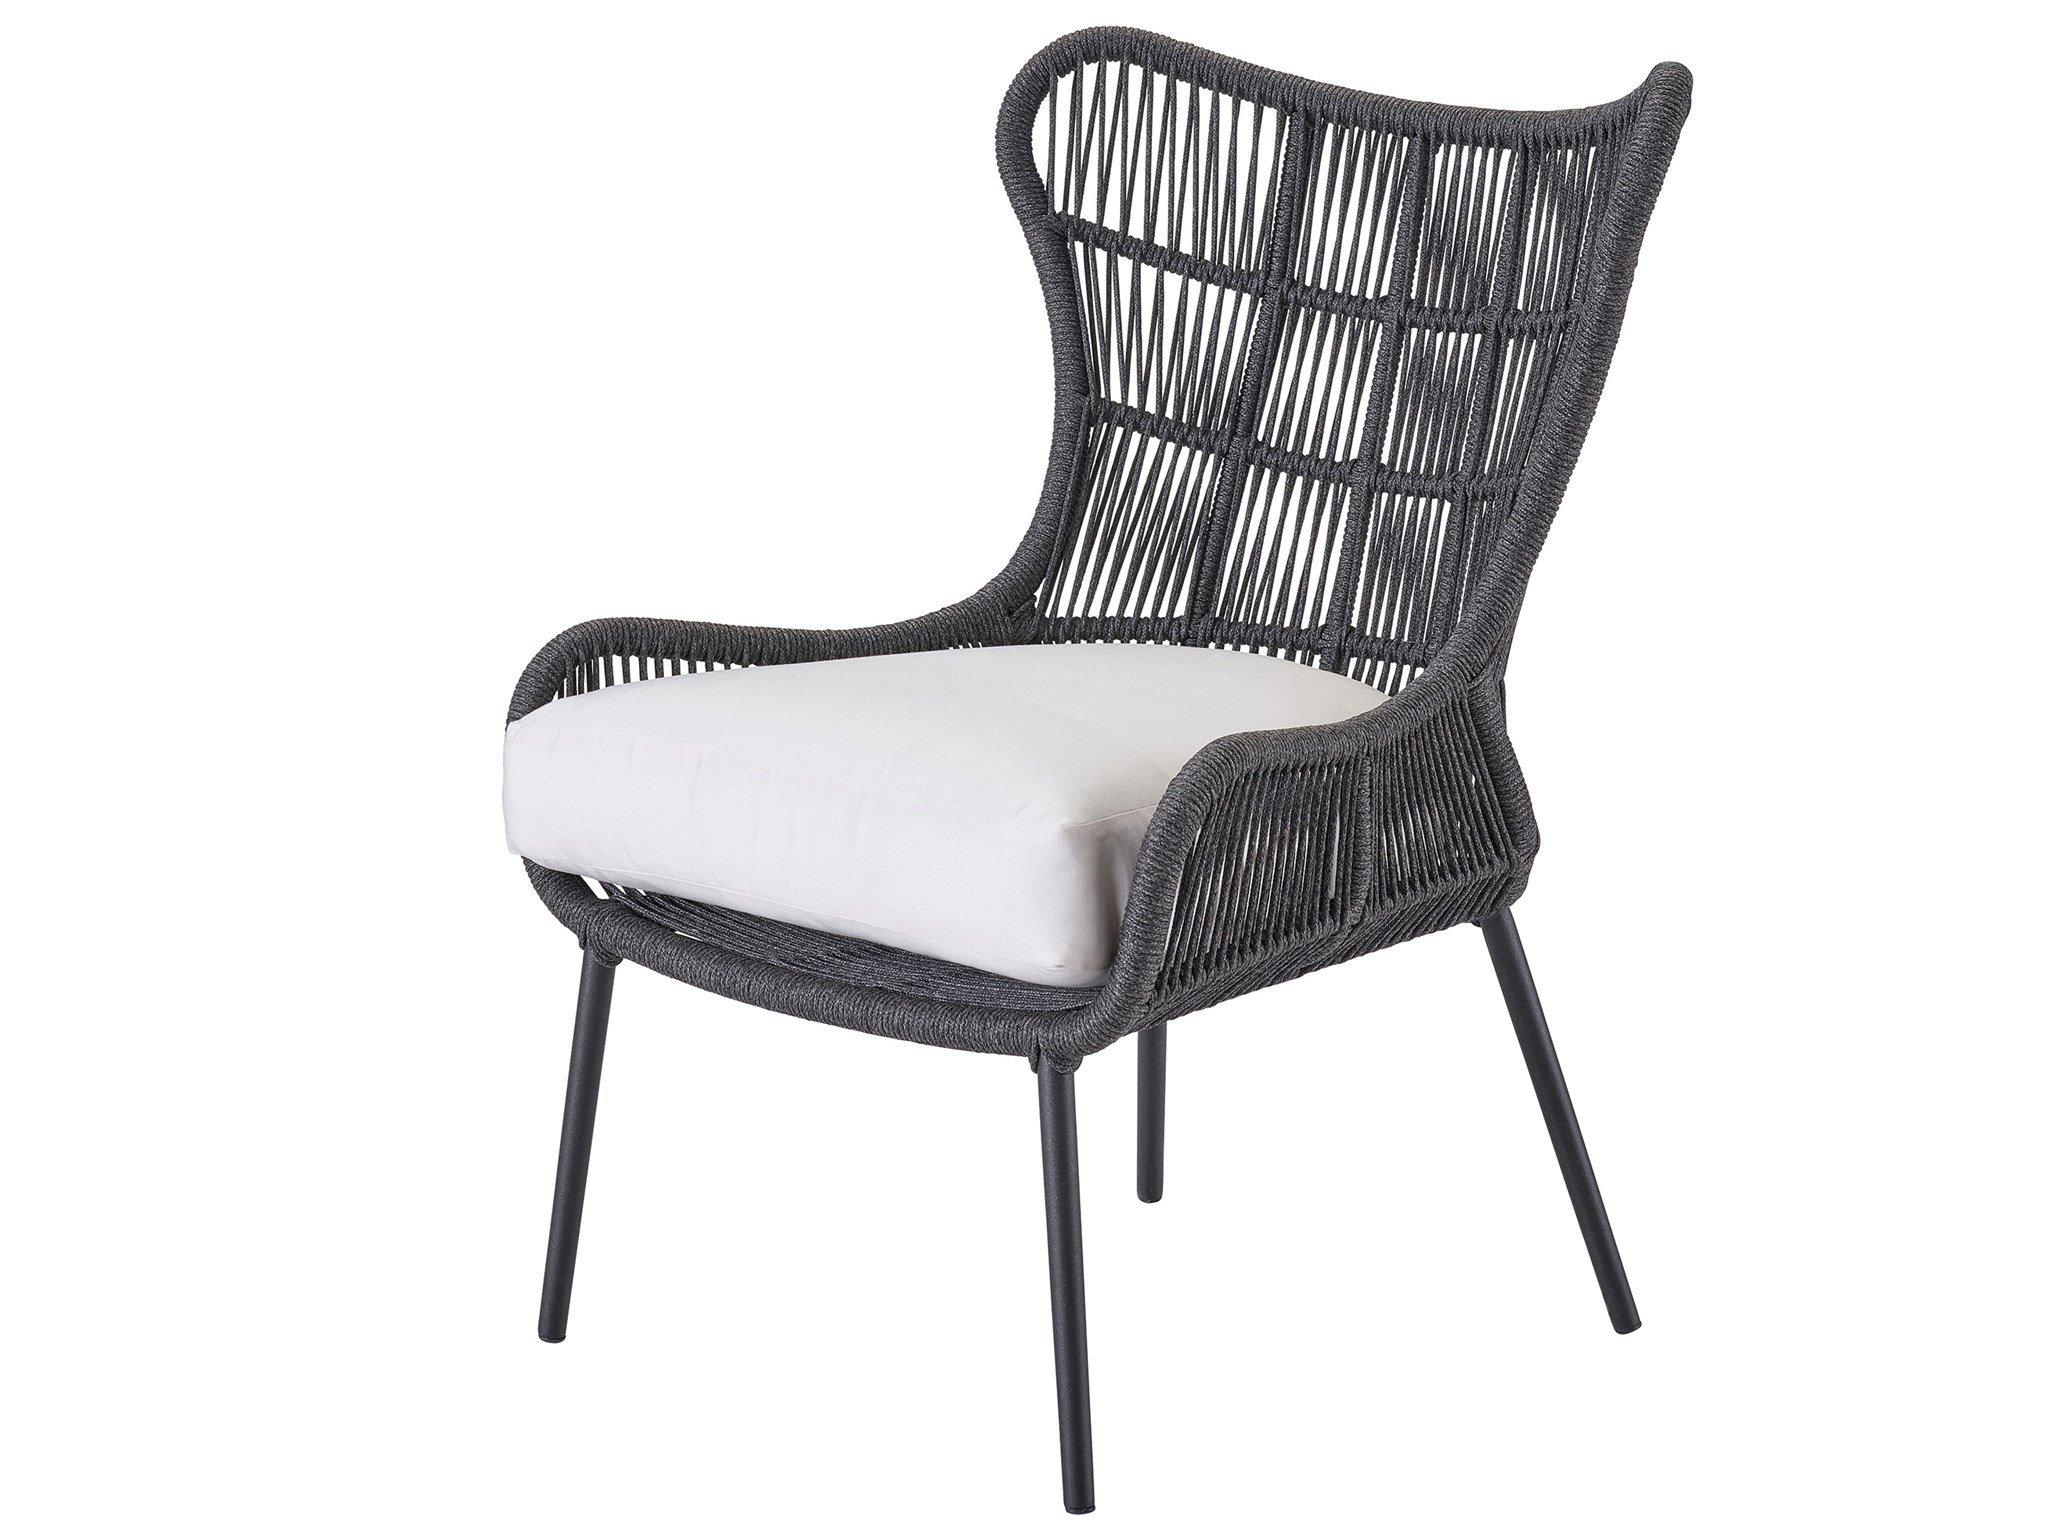 Hatteras Chair